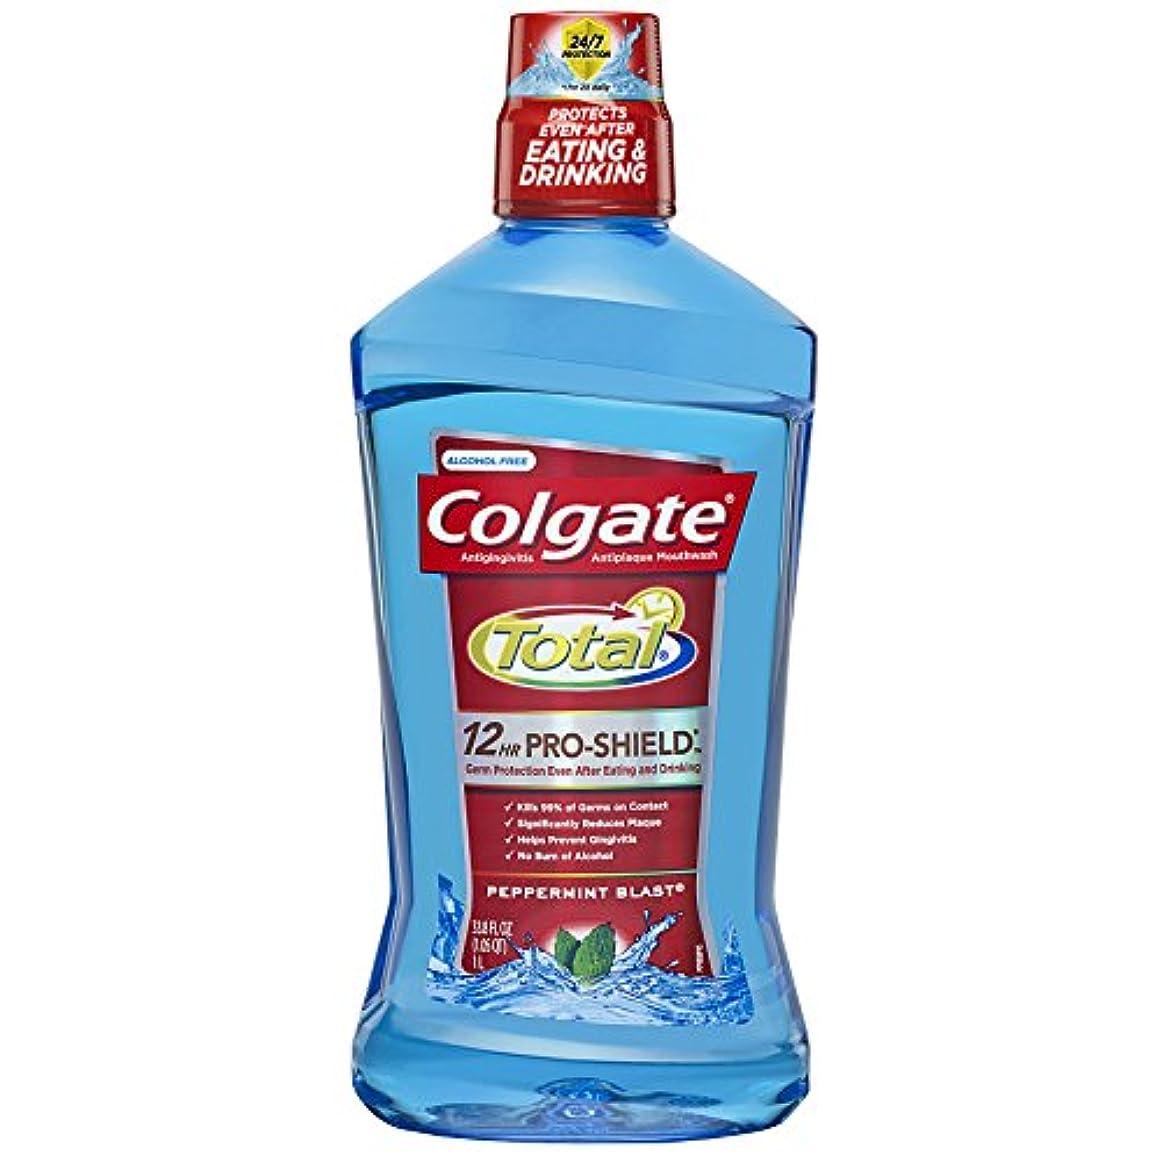 生物学抵抗力がある歌詞Colgate 総高度なプロシールドうがい薬、ペパーミントブラスト - 33.8オズ